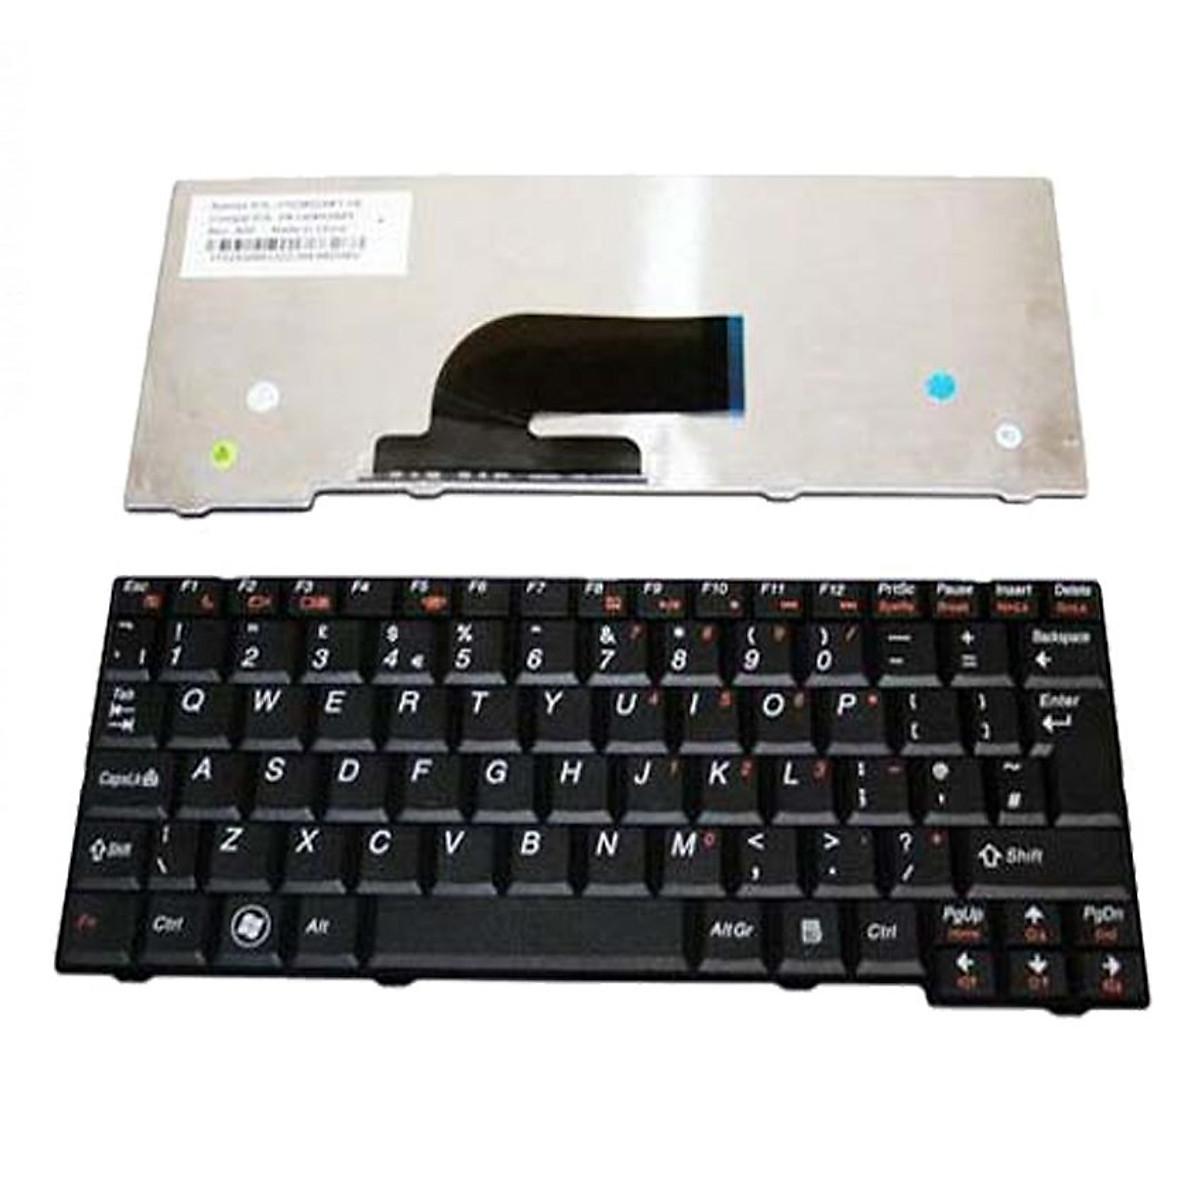 Bàn  phím dùng cho laptop Lenovo Ideapad S10-2, S100, S100C